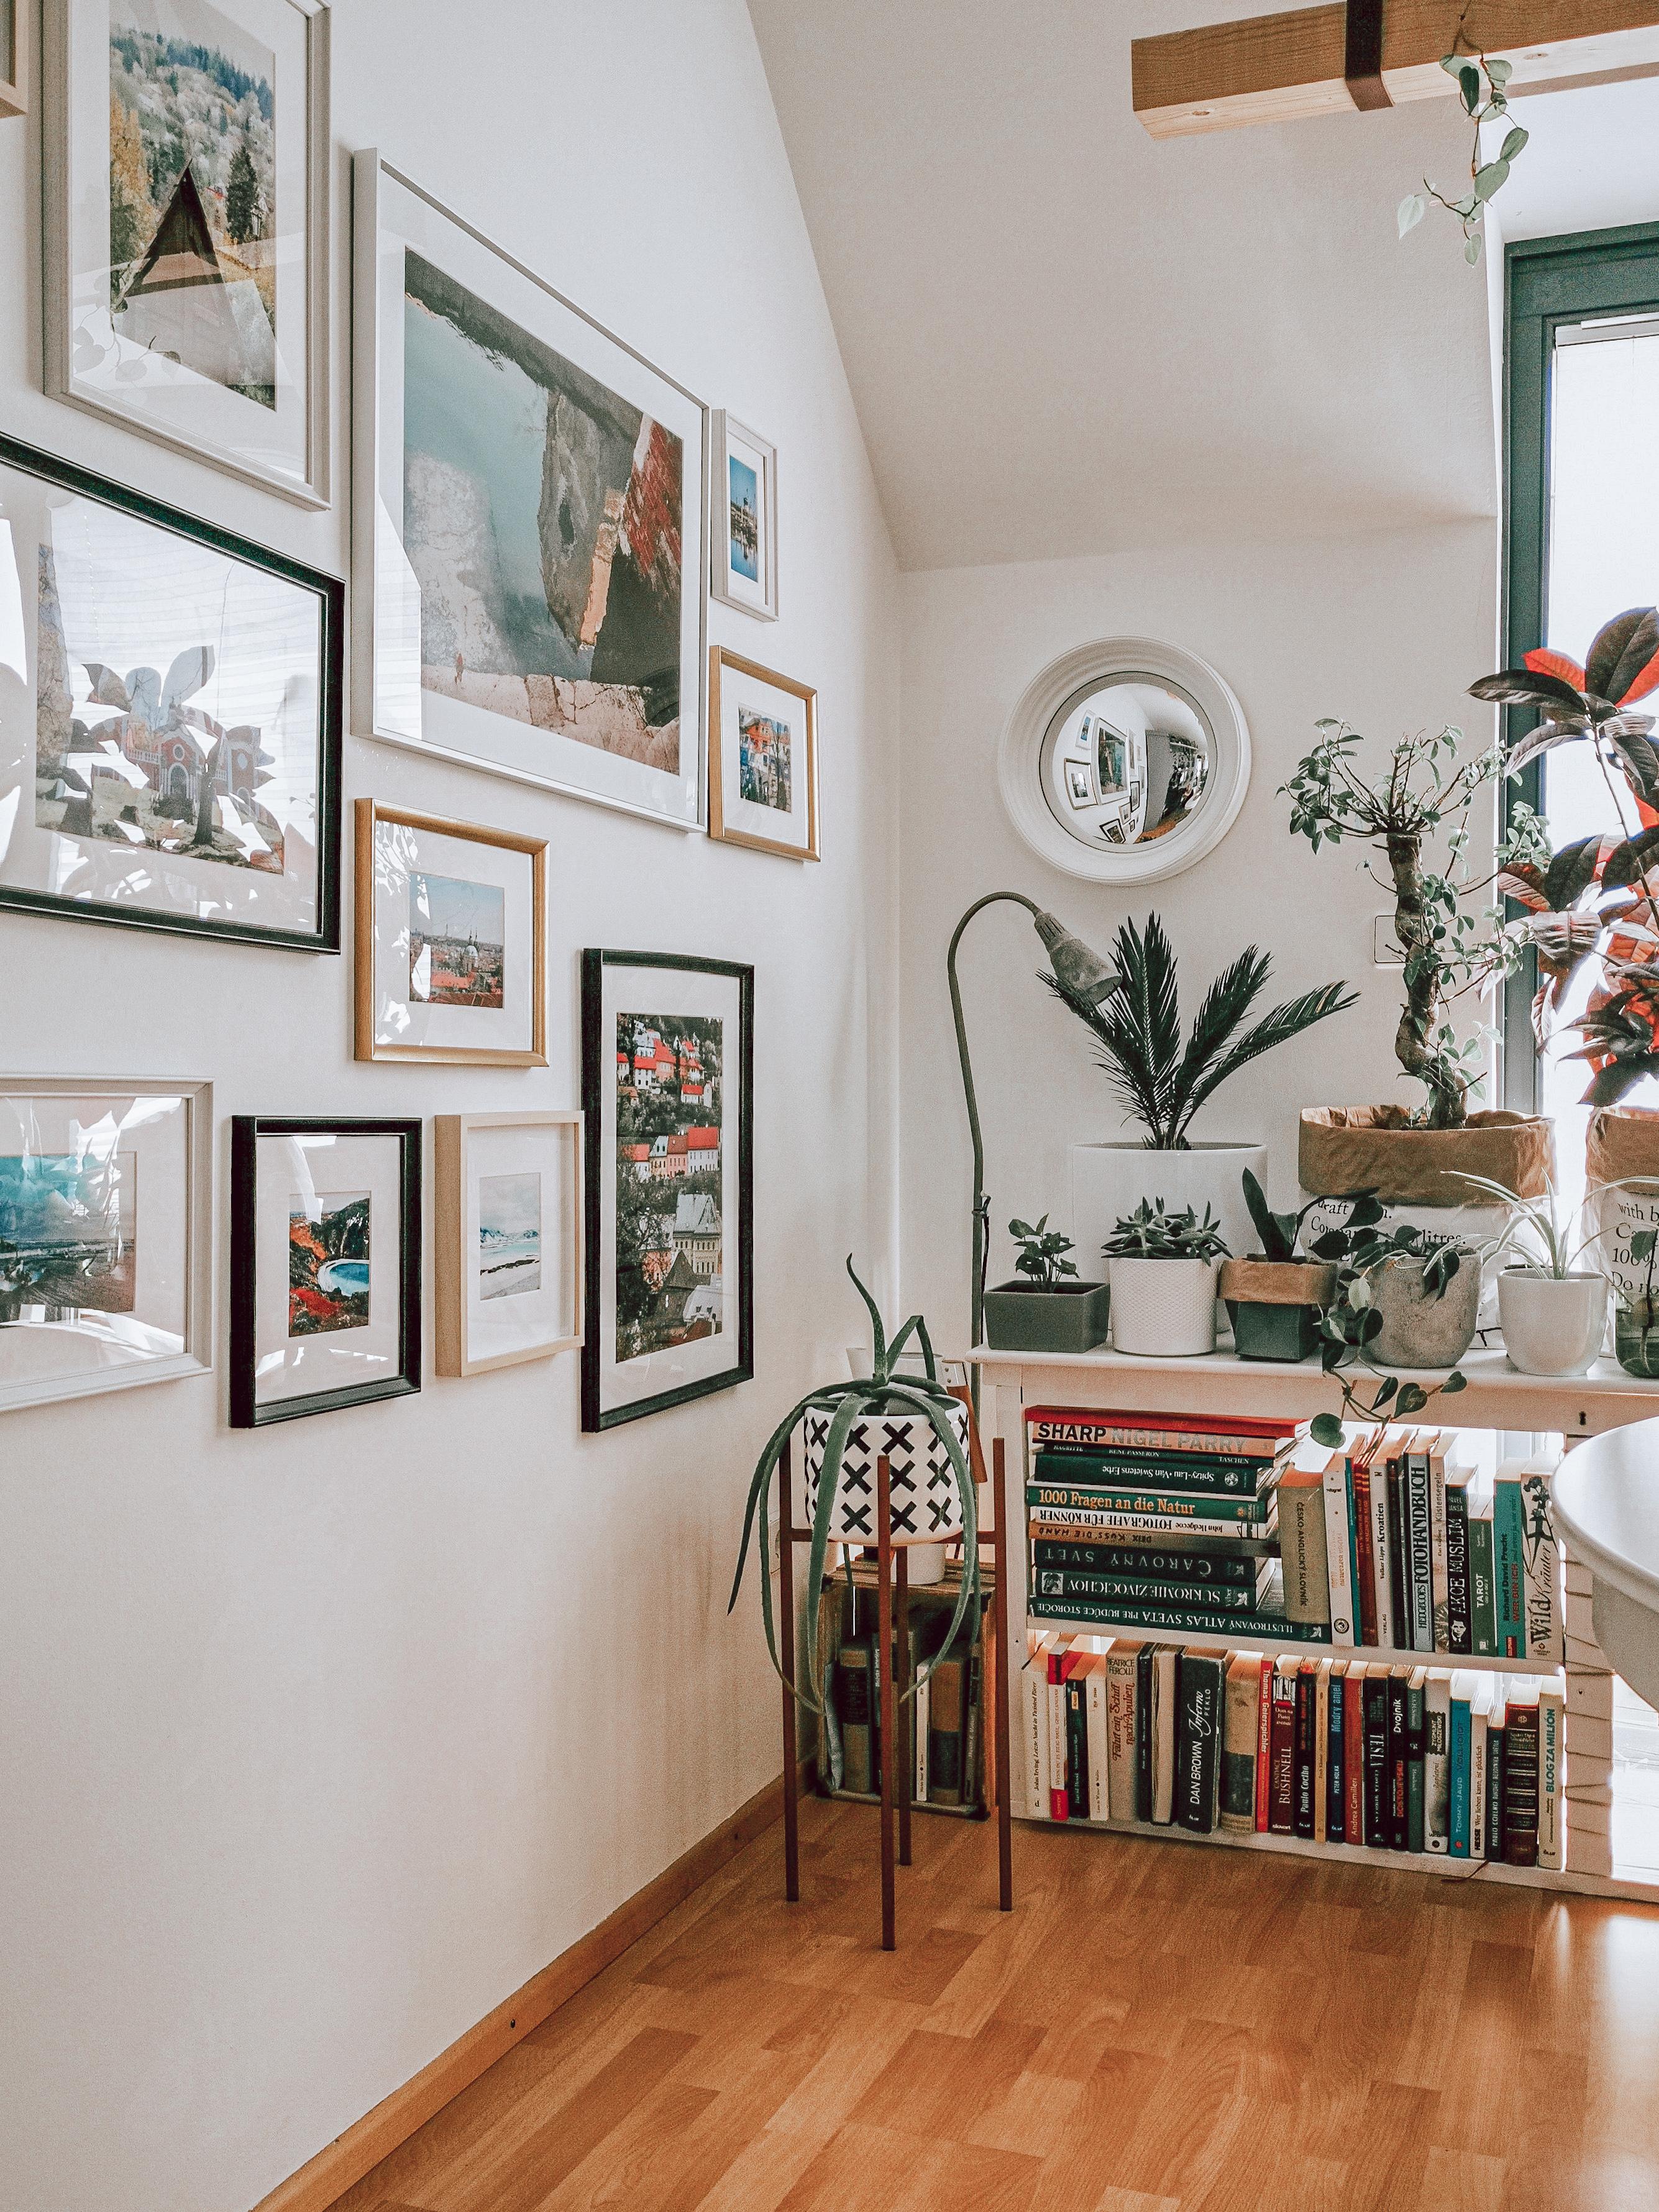 IMG 20200523 143008 01 1 - 11 ulimative Tipps für ein gemütliches zu Hause